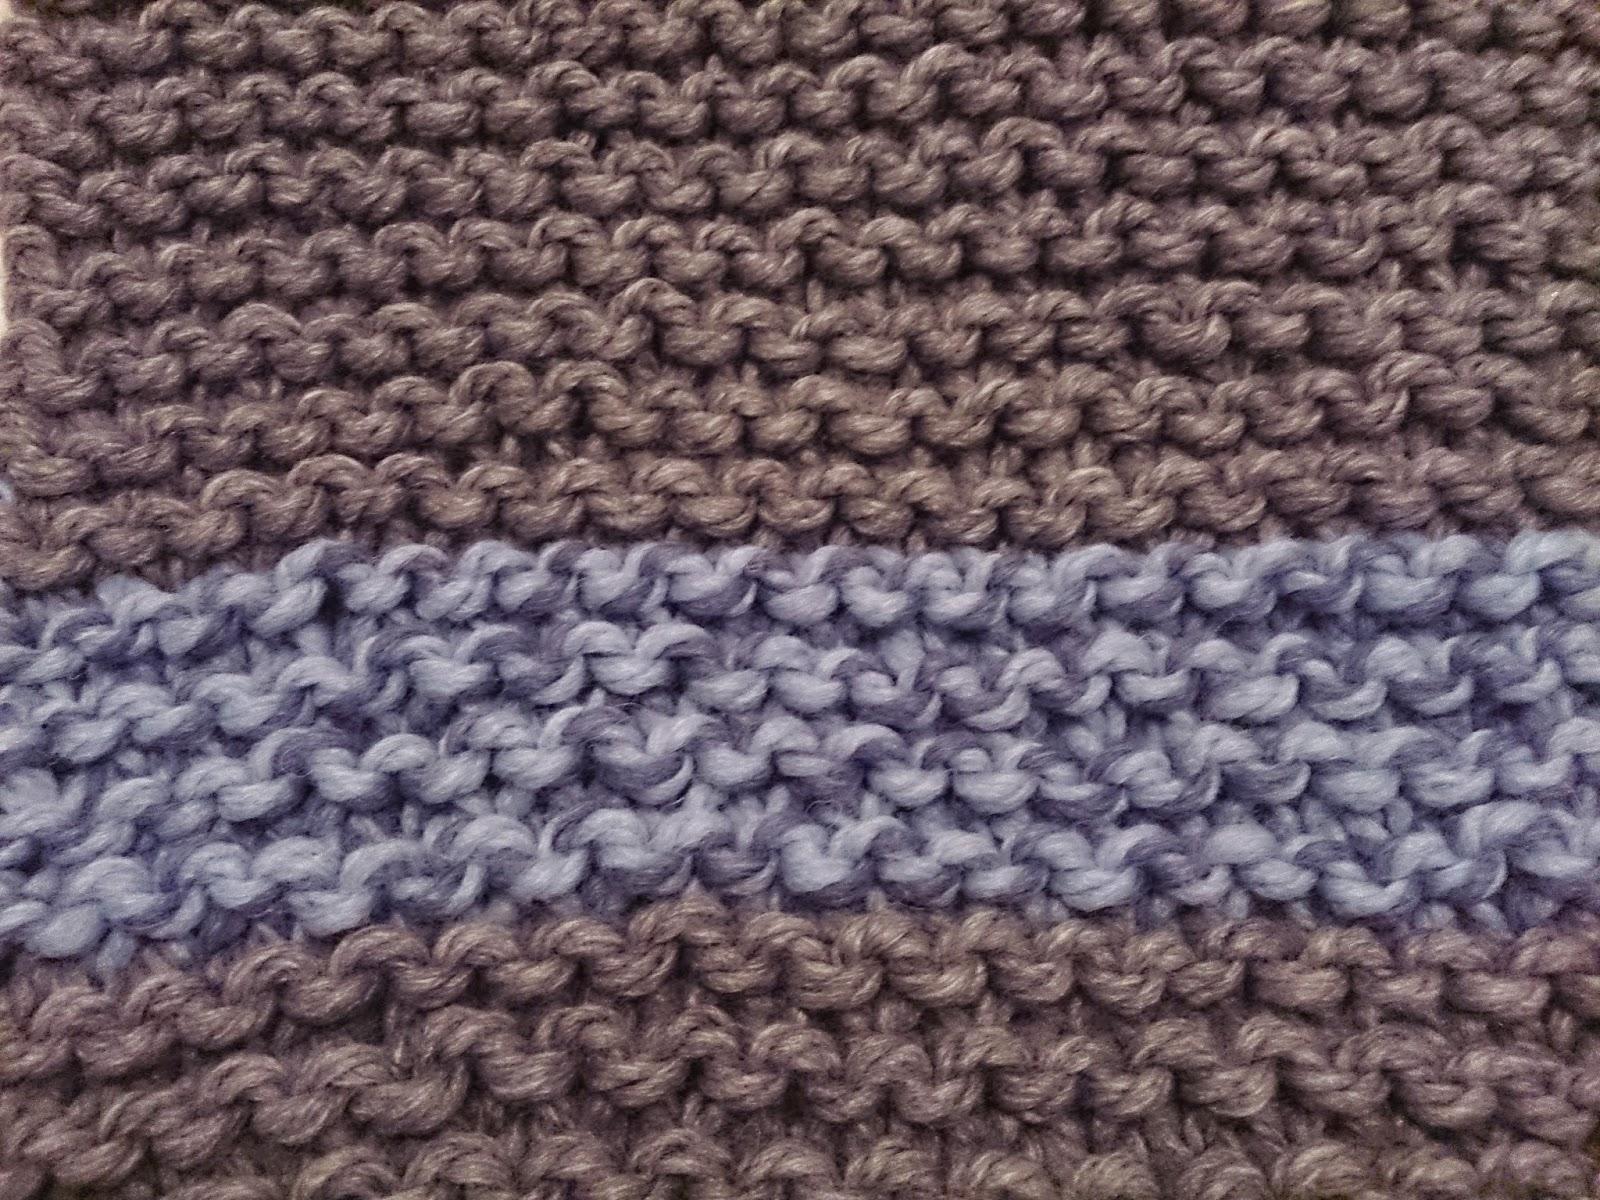 ÉRASE UNA VEZ... ALE: ÉRASE UNA VEZ... we are knitters